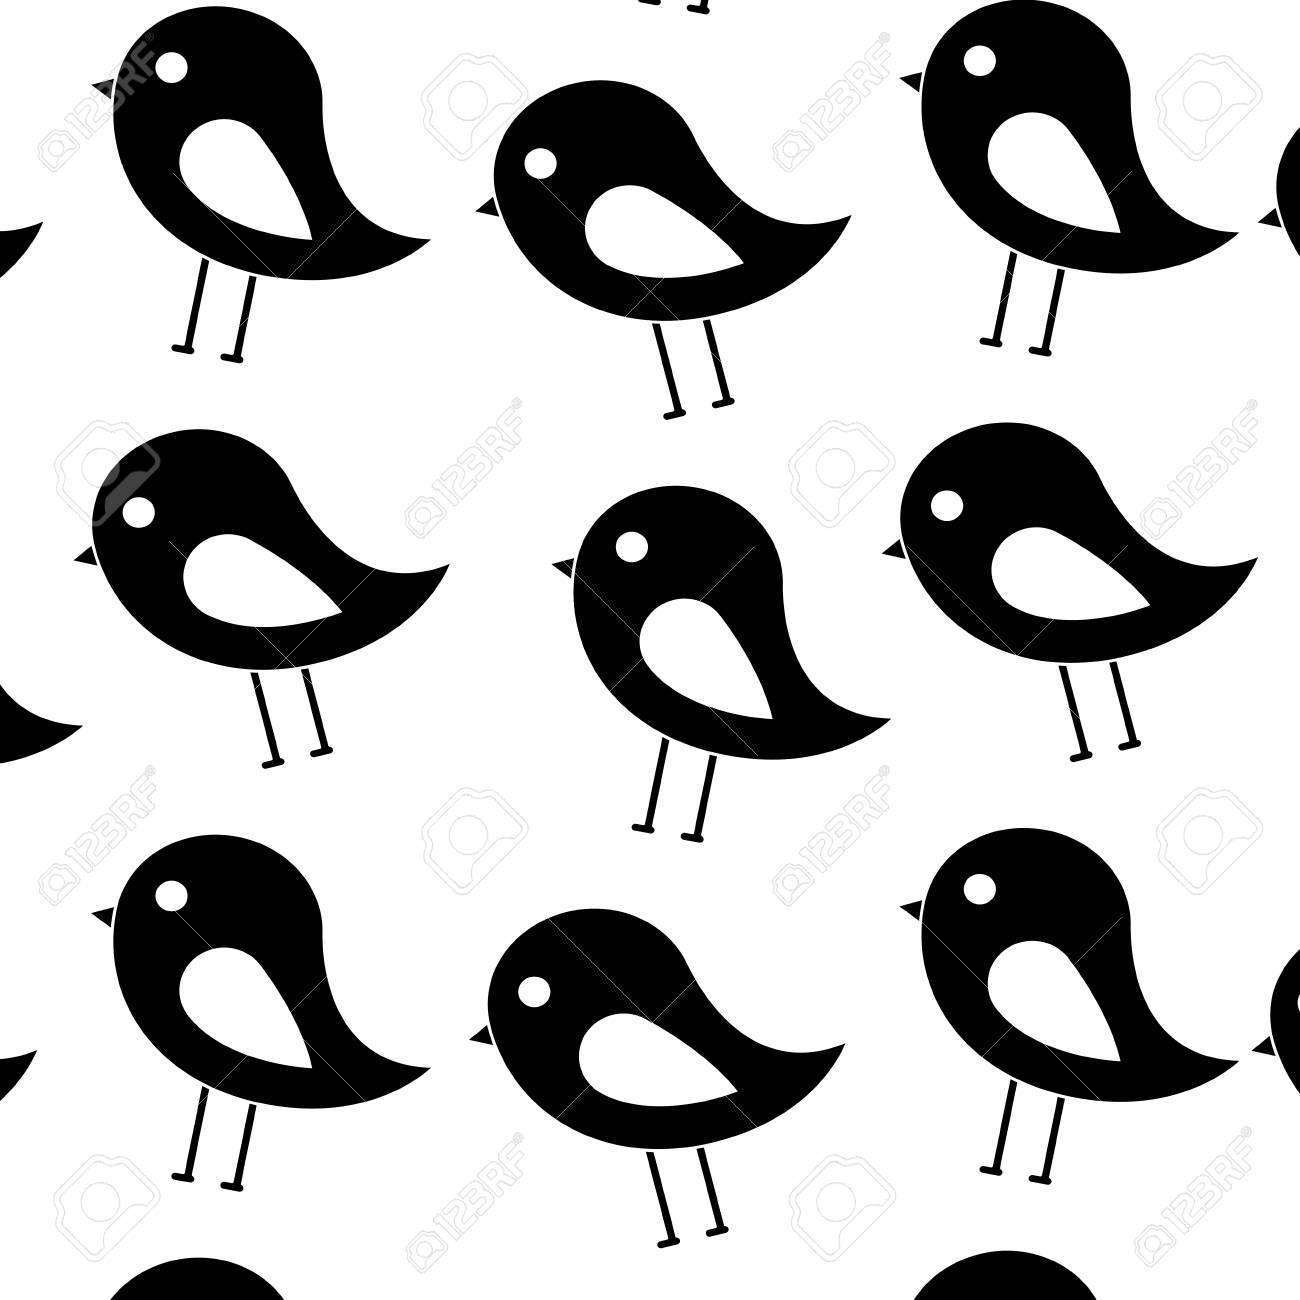 Oiseau Dessin Animé Oiseau Motif Image Conception Vecteur Noir Et Blanc